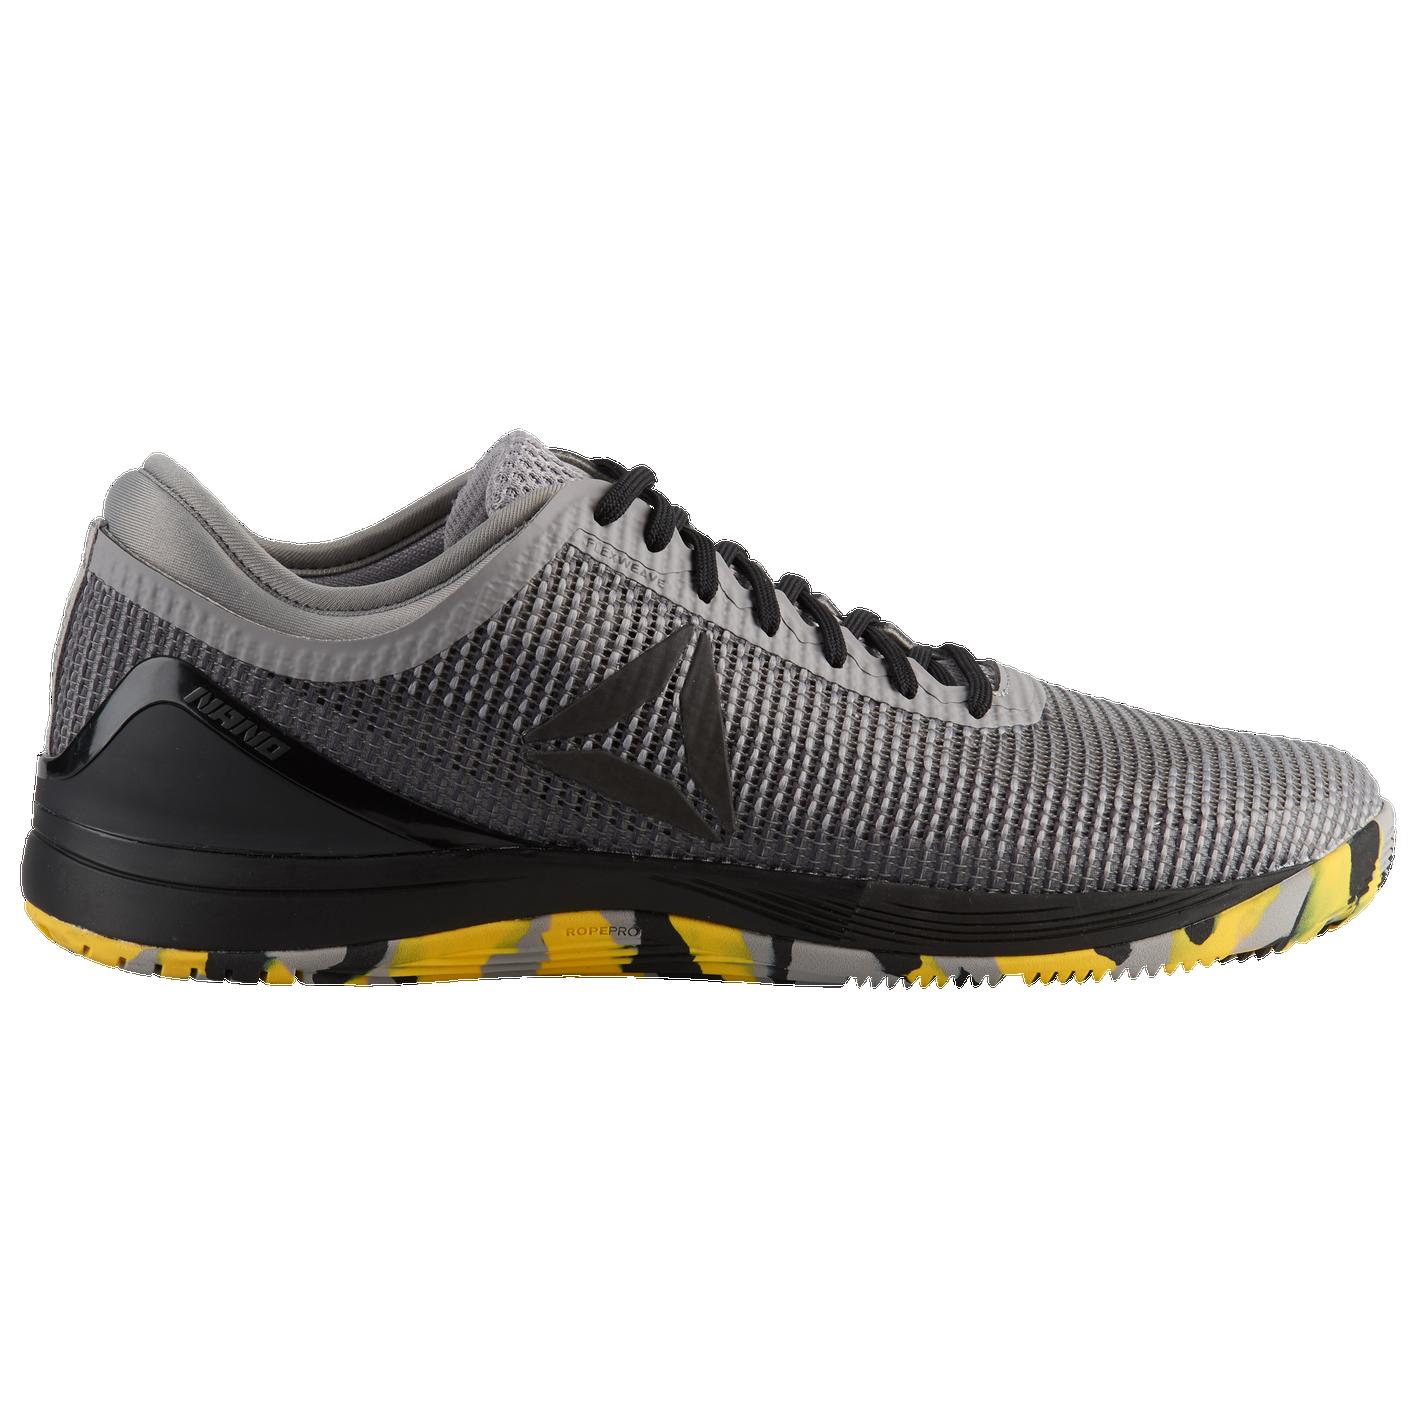 df1c30d4d4f Reebok Crossfit Nano 8.0 - Men s - Training - Shoes - Shark Tin Grey ...